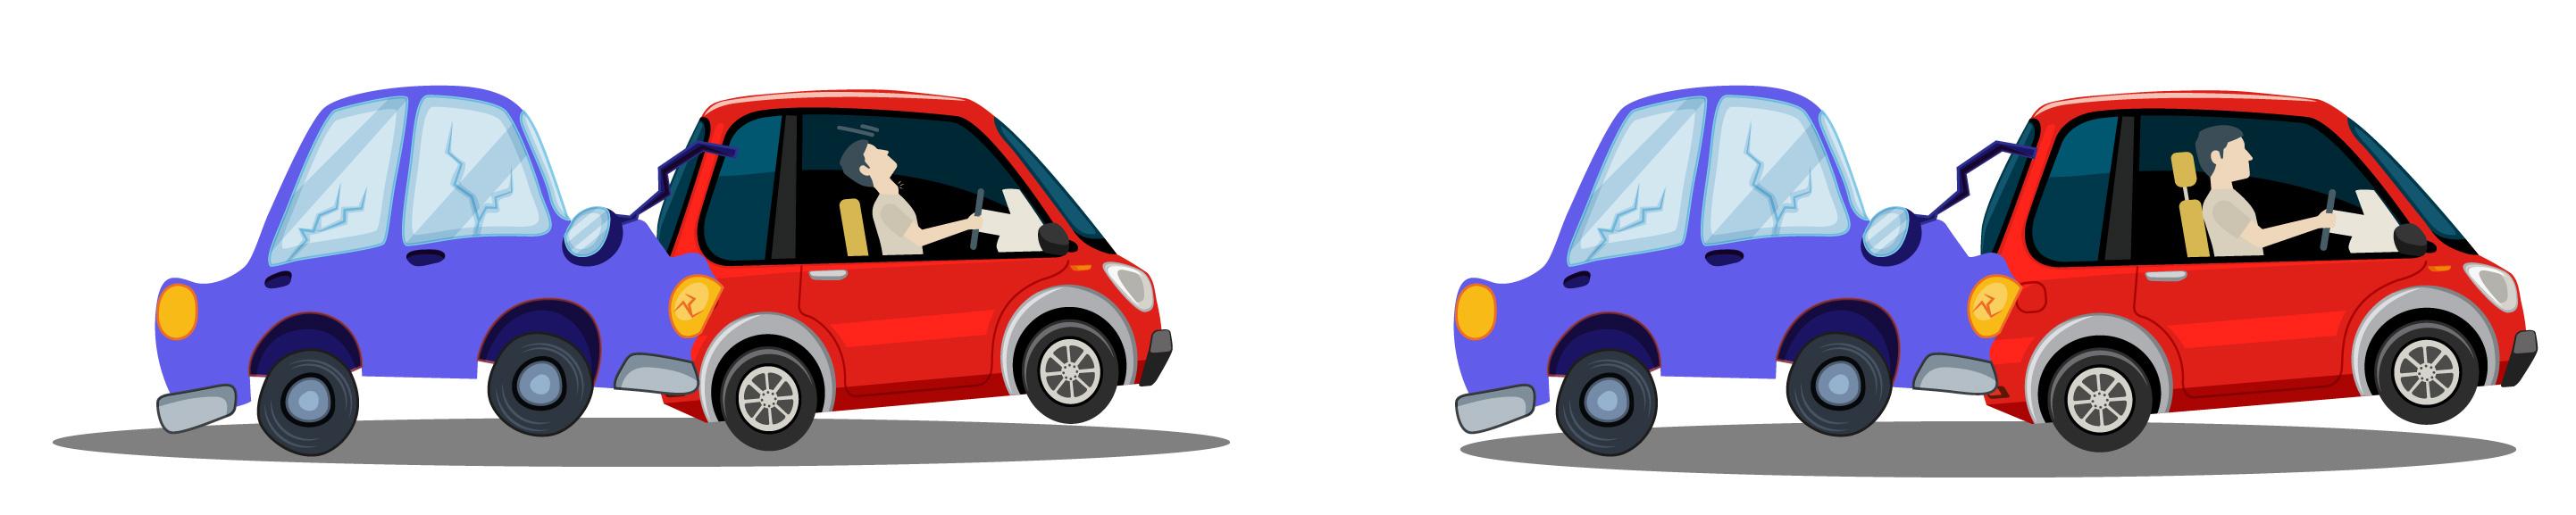 Dois cenários de uma batida traseira de carro mostrando o papel do encosto de cabeça para proteger a coluna cervical.